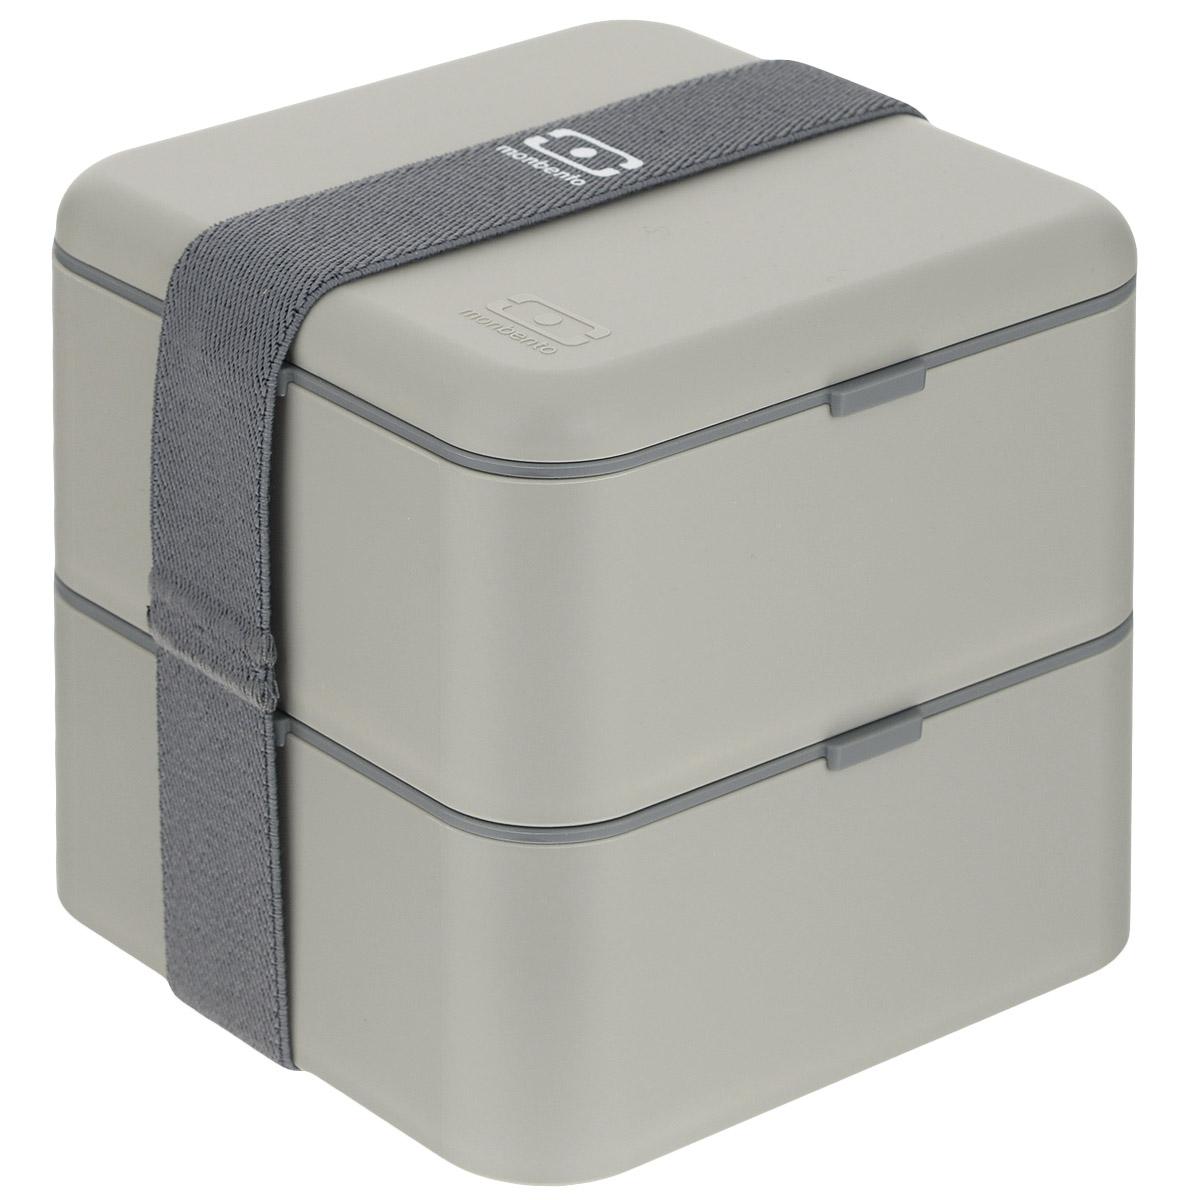 Ланчбокс Monbento Square, цвет: серый, 1,7 л1200 03 010Ланчбокс Monbento Square изготовлен из высококачественного пищевого пластика. Предназначен для хранения и переноски пищевых продуктов в больших порциях: подходит для салатов, бутербродов и других блюд. Ланчбокс представляет собой два квадратных контейнера, в которых удобно хранить сразу несколько видов блюд. Контейнеры вакуумные, что позволяет продуктам дольше оставаться свежими и вкусными. Контейнеры скрепляются эластичной резинкой. Компактные размеры позволят уместить ланчбокс в любой сумке. Его удобно взять с собой на работу, отдых, в поездку. Теперь любимая домашняя еда всегда будет под рукой, а яркий дизайн поднимет настроение и подарит заряд позитива. Можно использовать в микроволновой печи и для хранения пищи в холодильнике, можно мыть в посудомоечной машине. Объем: 1,7 л. Общий размер ланчбокса: 14 см х 14 см х 14 см. Размер контейнера: 14 см х 14 см х 8 см.